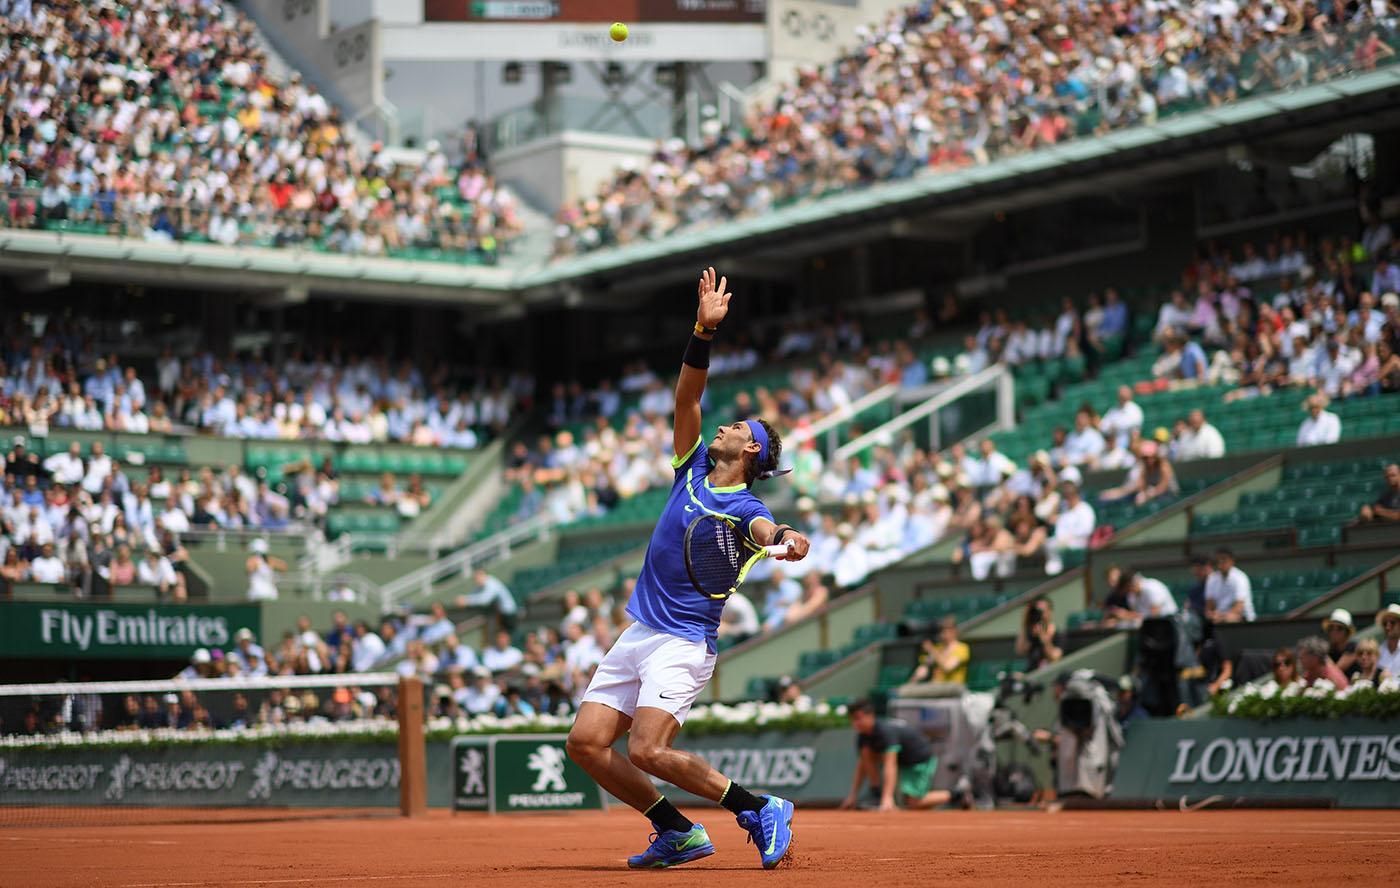 Con questo Roland Garros Nadal stacca Sampras nella classifica degli Slam, raggiungendo da solo quota 15.